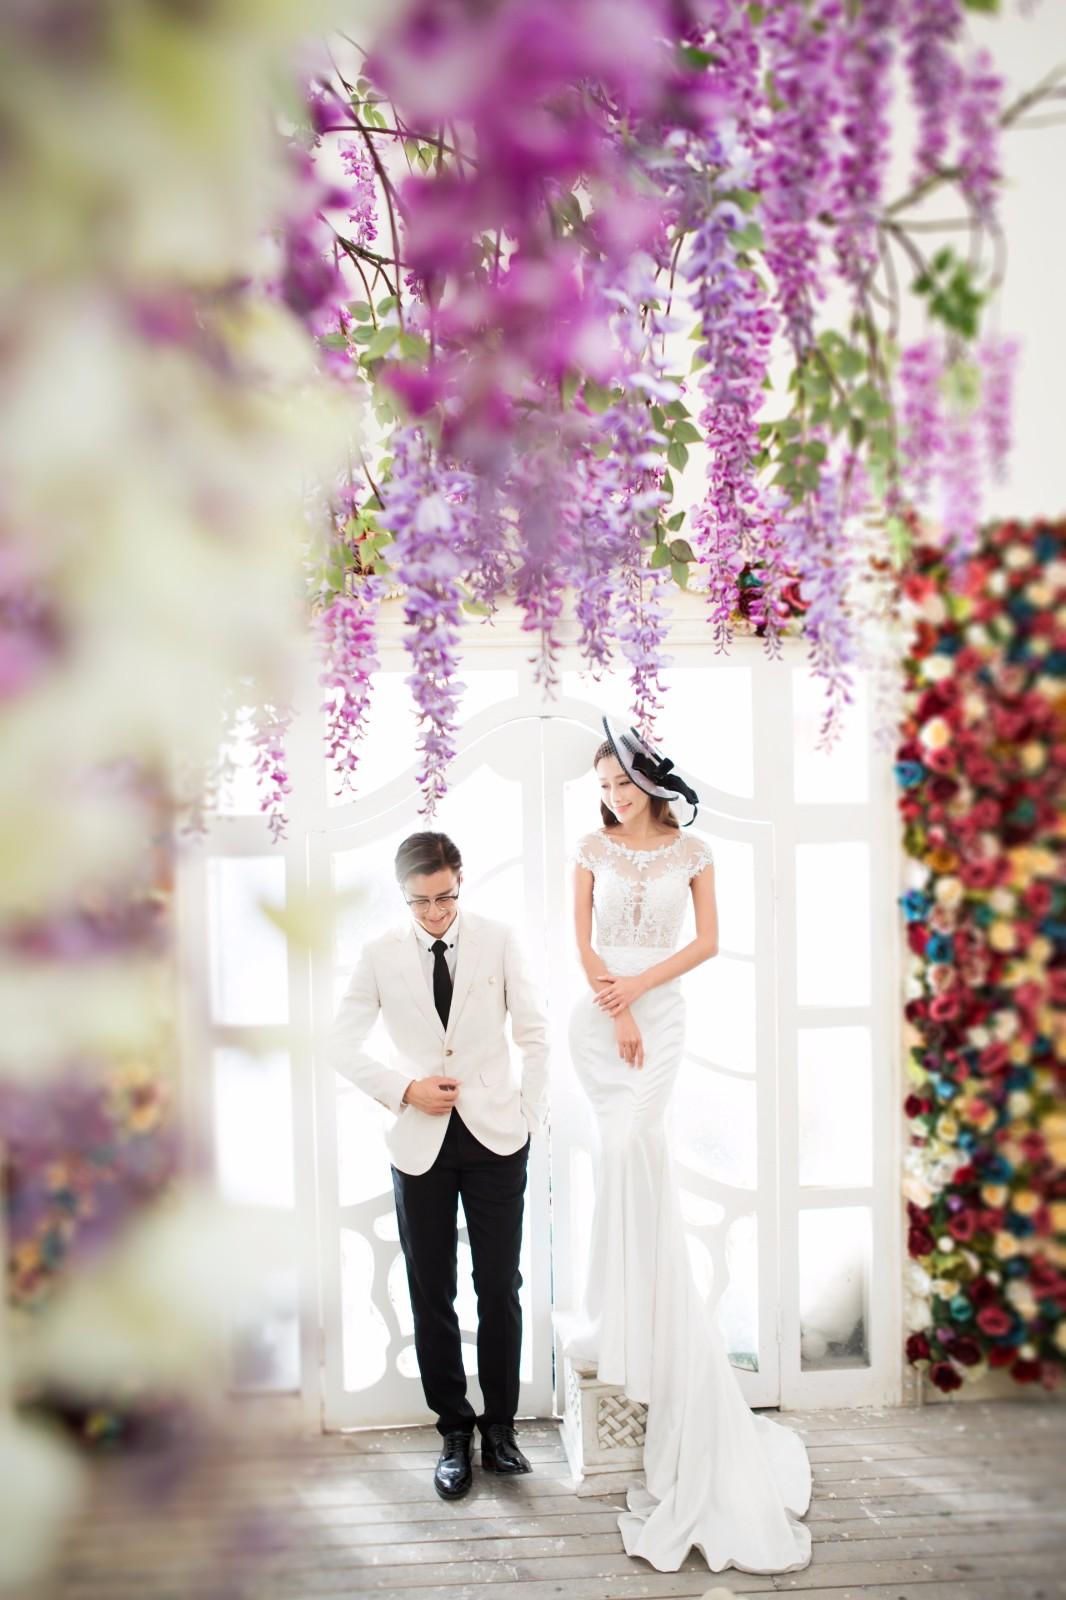 拍婚纱照的姿势与表情,哪个重要一些呢?